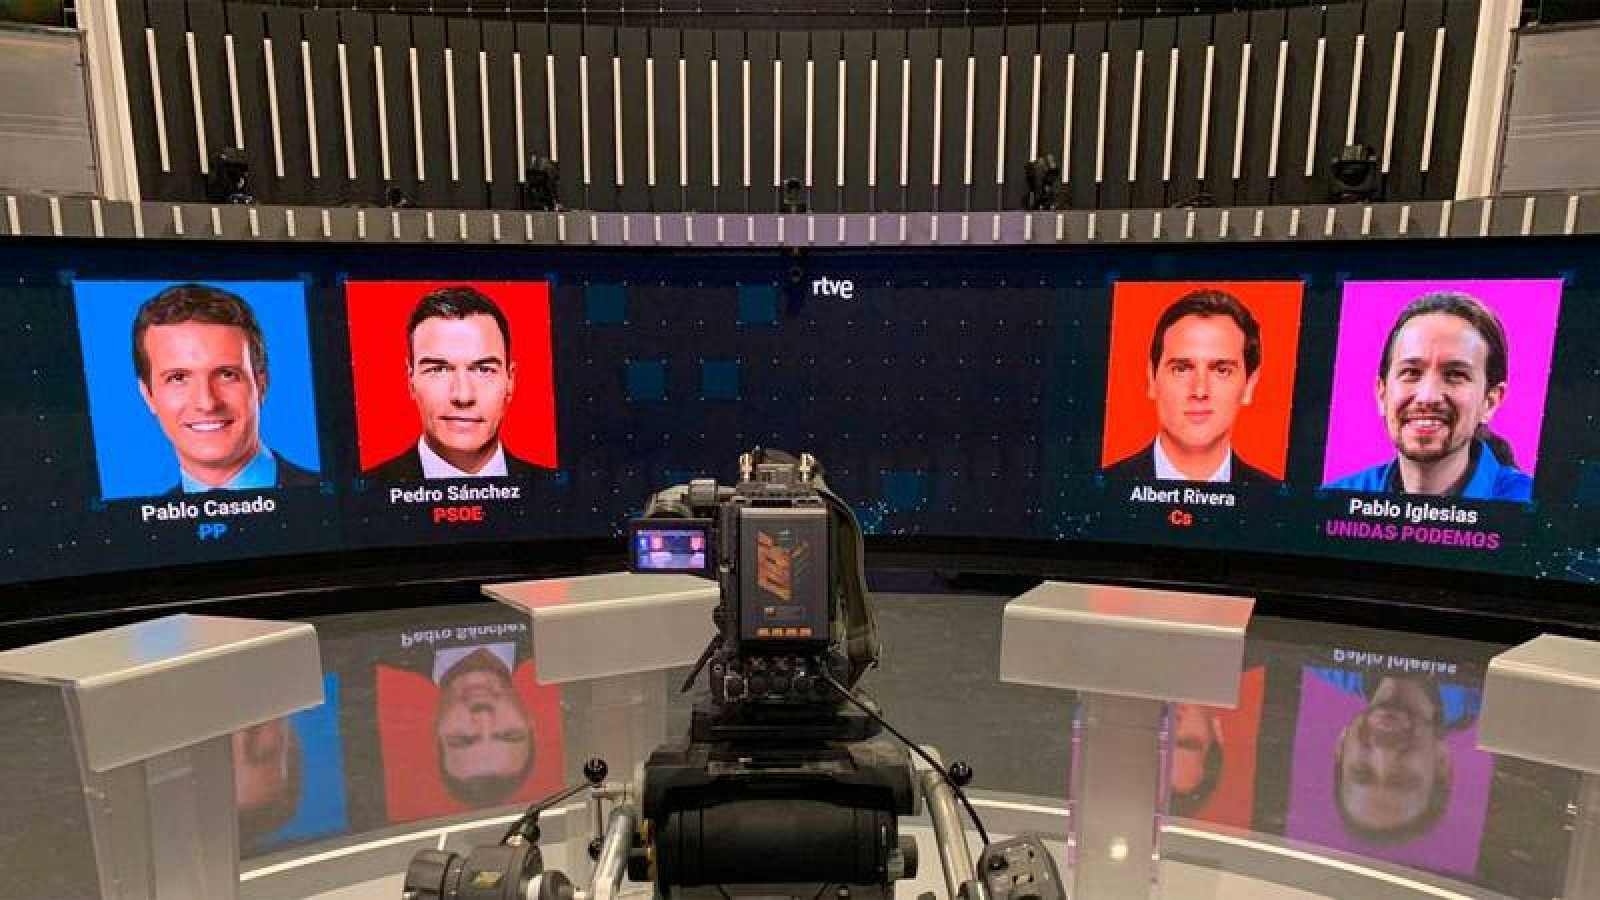 La propuesta de RTVE ya ha sido trasladada a los partidos políticos.